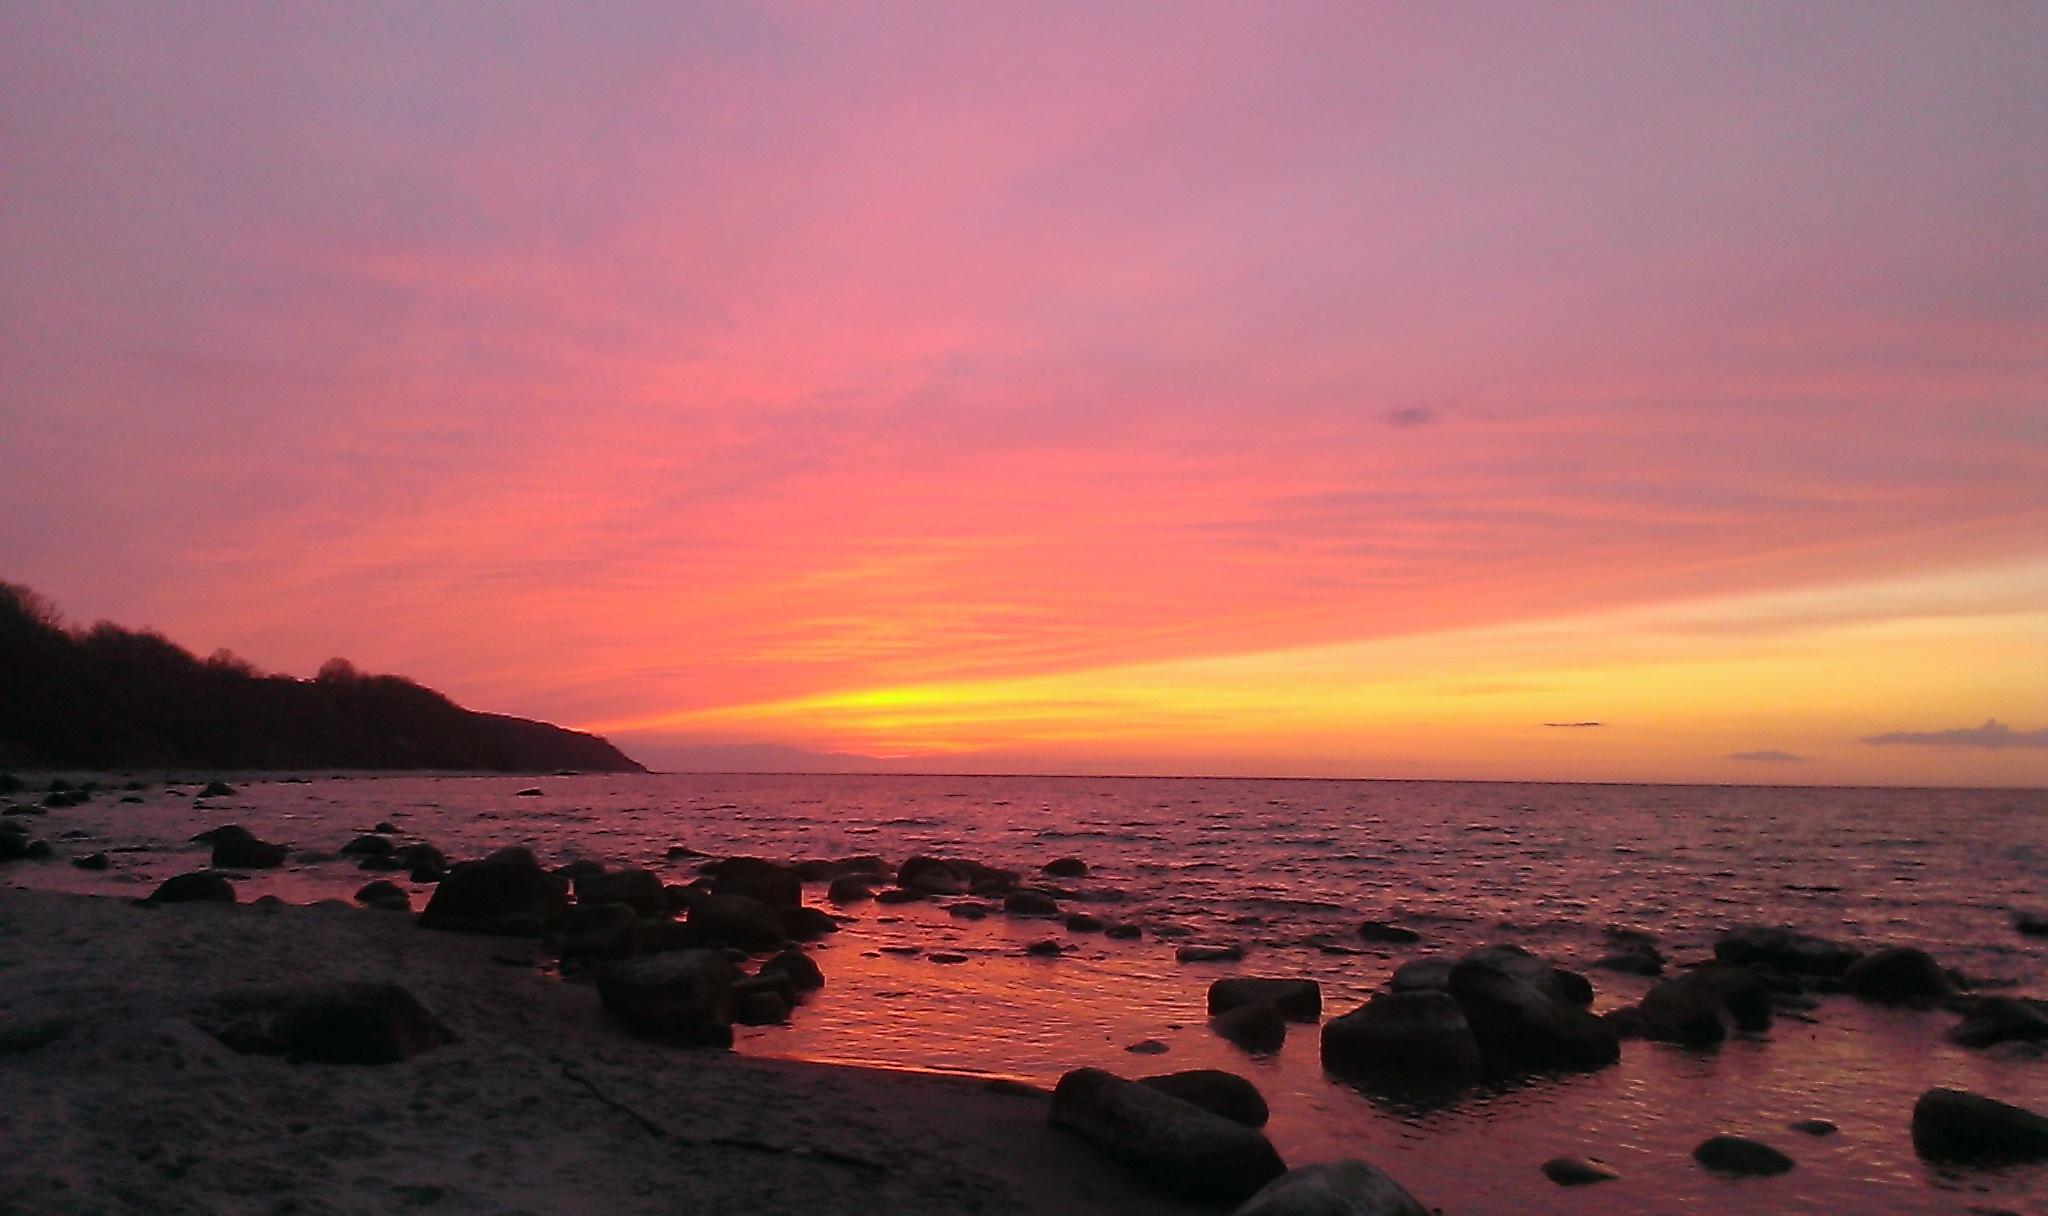 Sonnenuntergang westlich von Kap Arkona